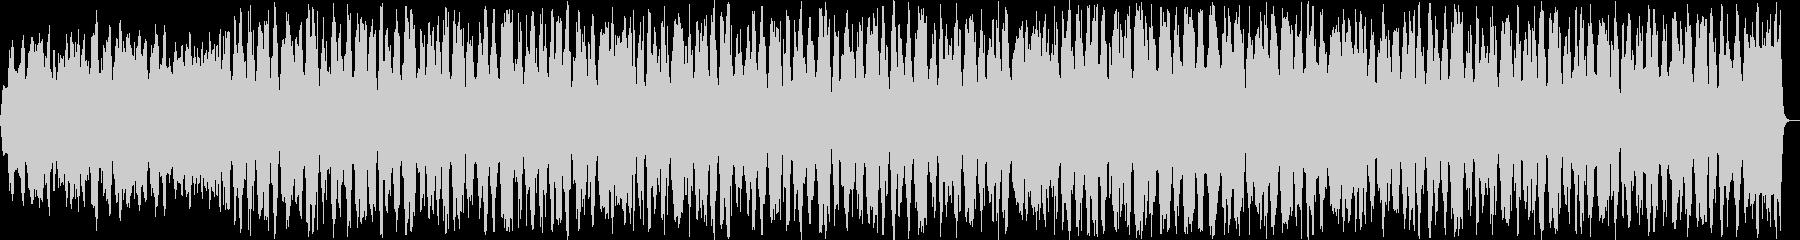 切ないシンセ・ピアノサウンドの未再生の波形